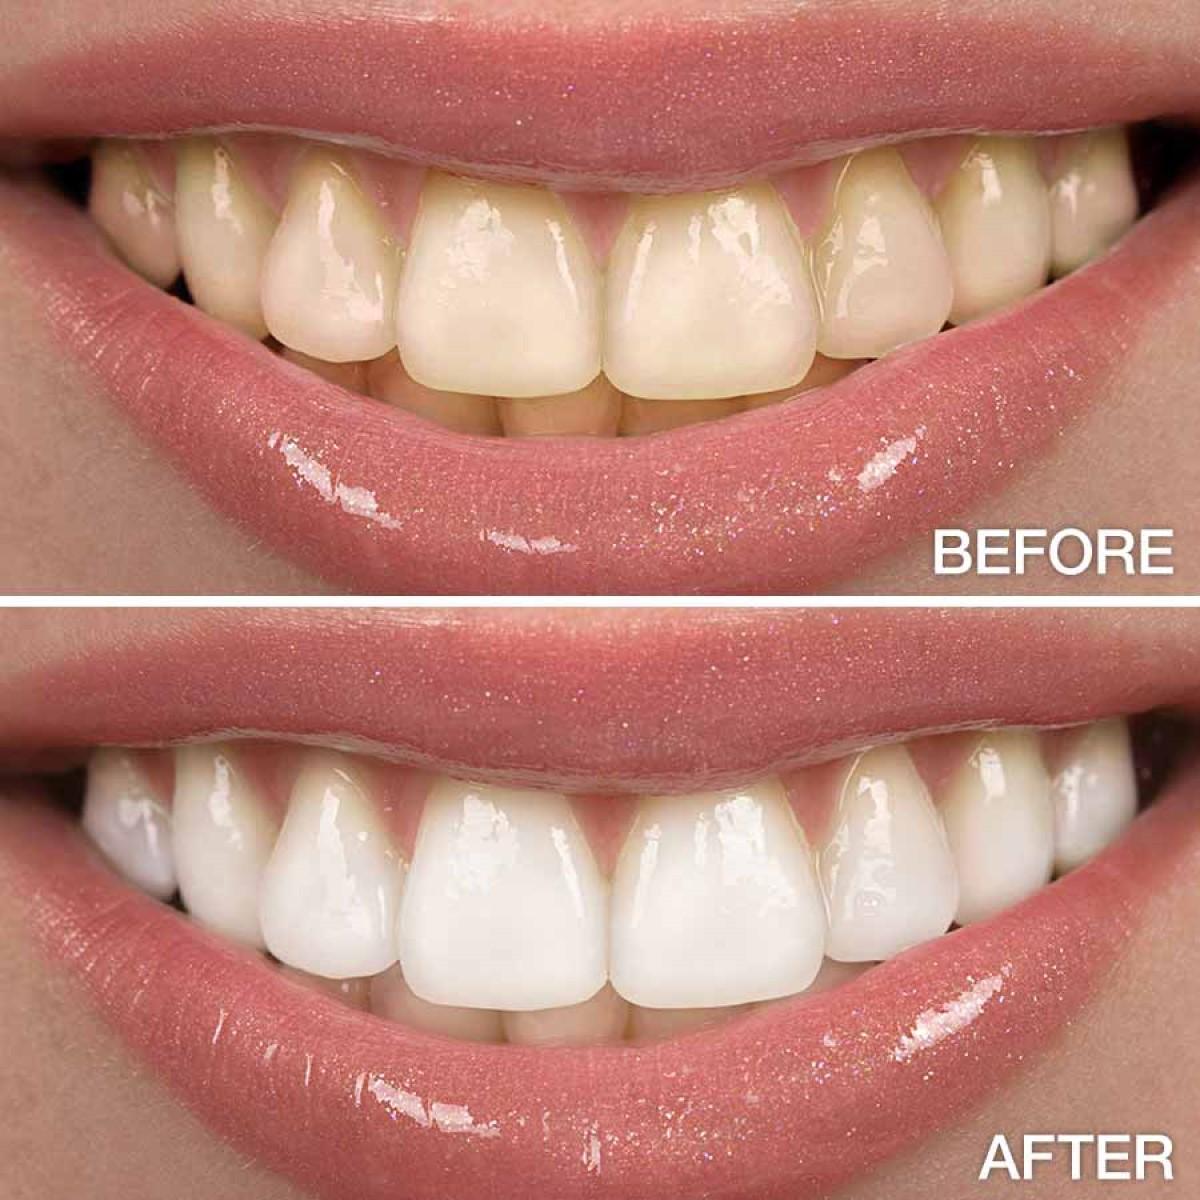 تبييض الأسنان من أول استخدام لهذه الوصفة الطبيعية الممتازة